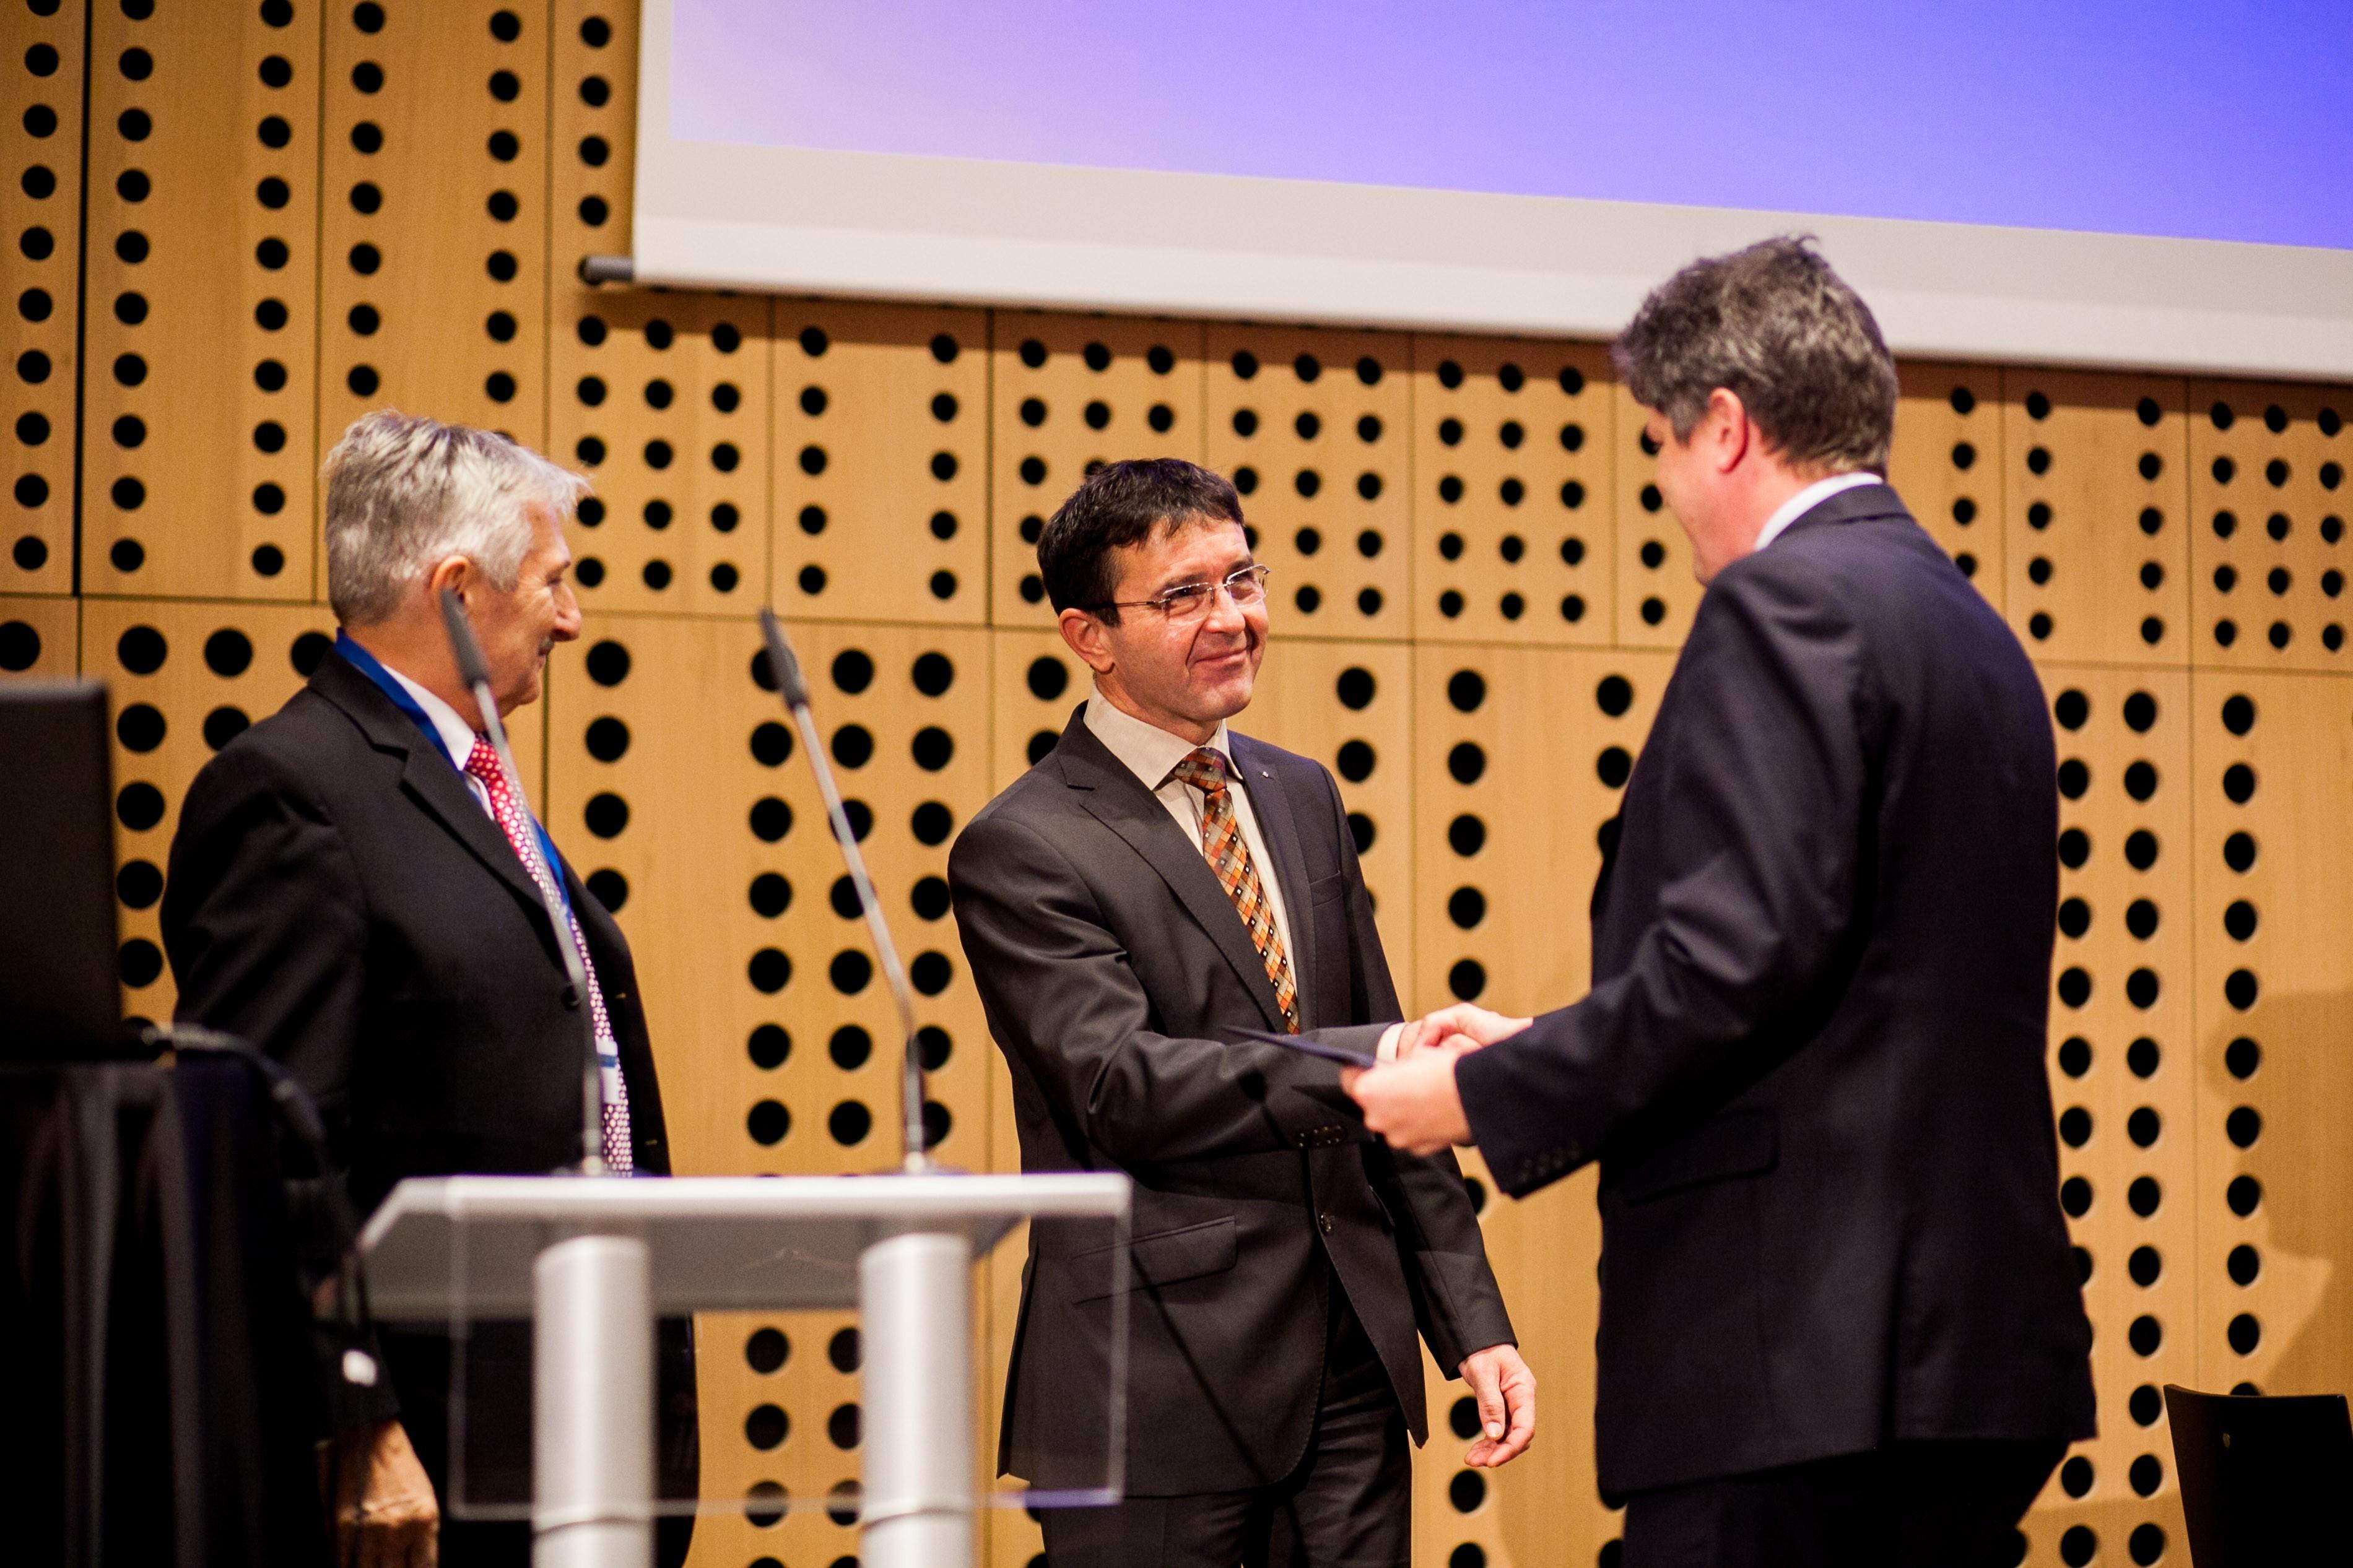 Na sliki, od leve proti desni: Niko Schlamberger, predsednik Slovenskega društva Informatike, Boris Koprivnikar, Minister za javno upravo, Tadej Gabrijel v imenu MJU prevzel priznanje e-storitev javne uprave.